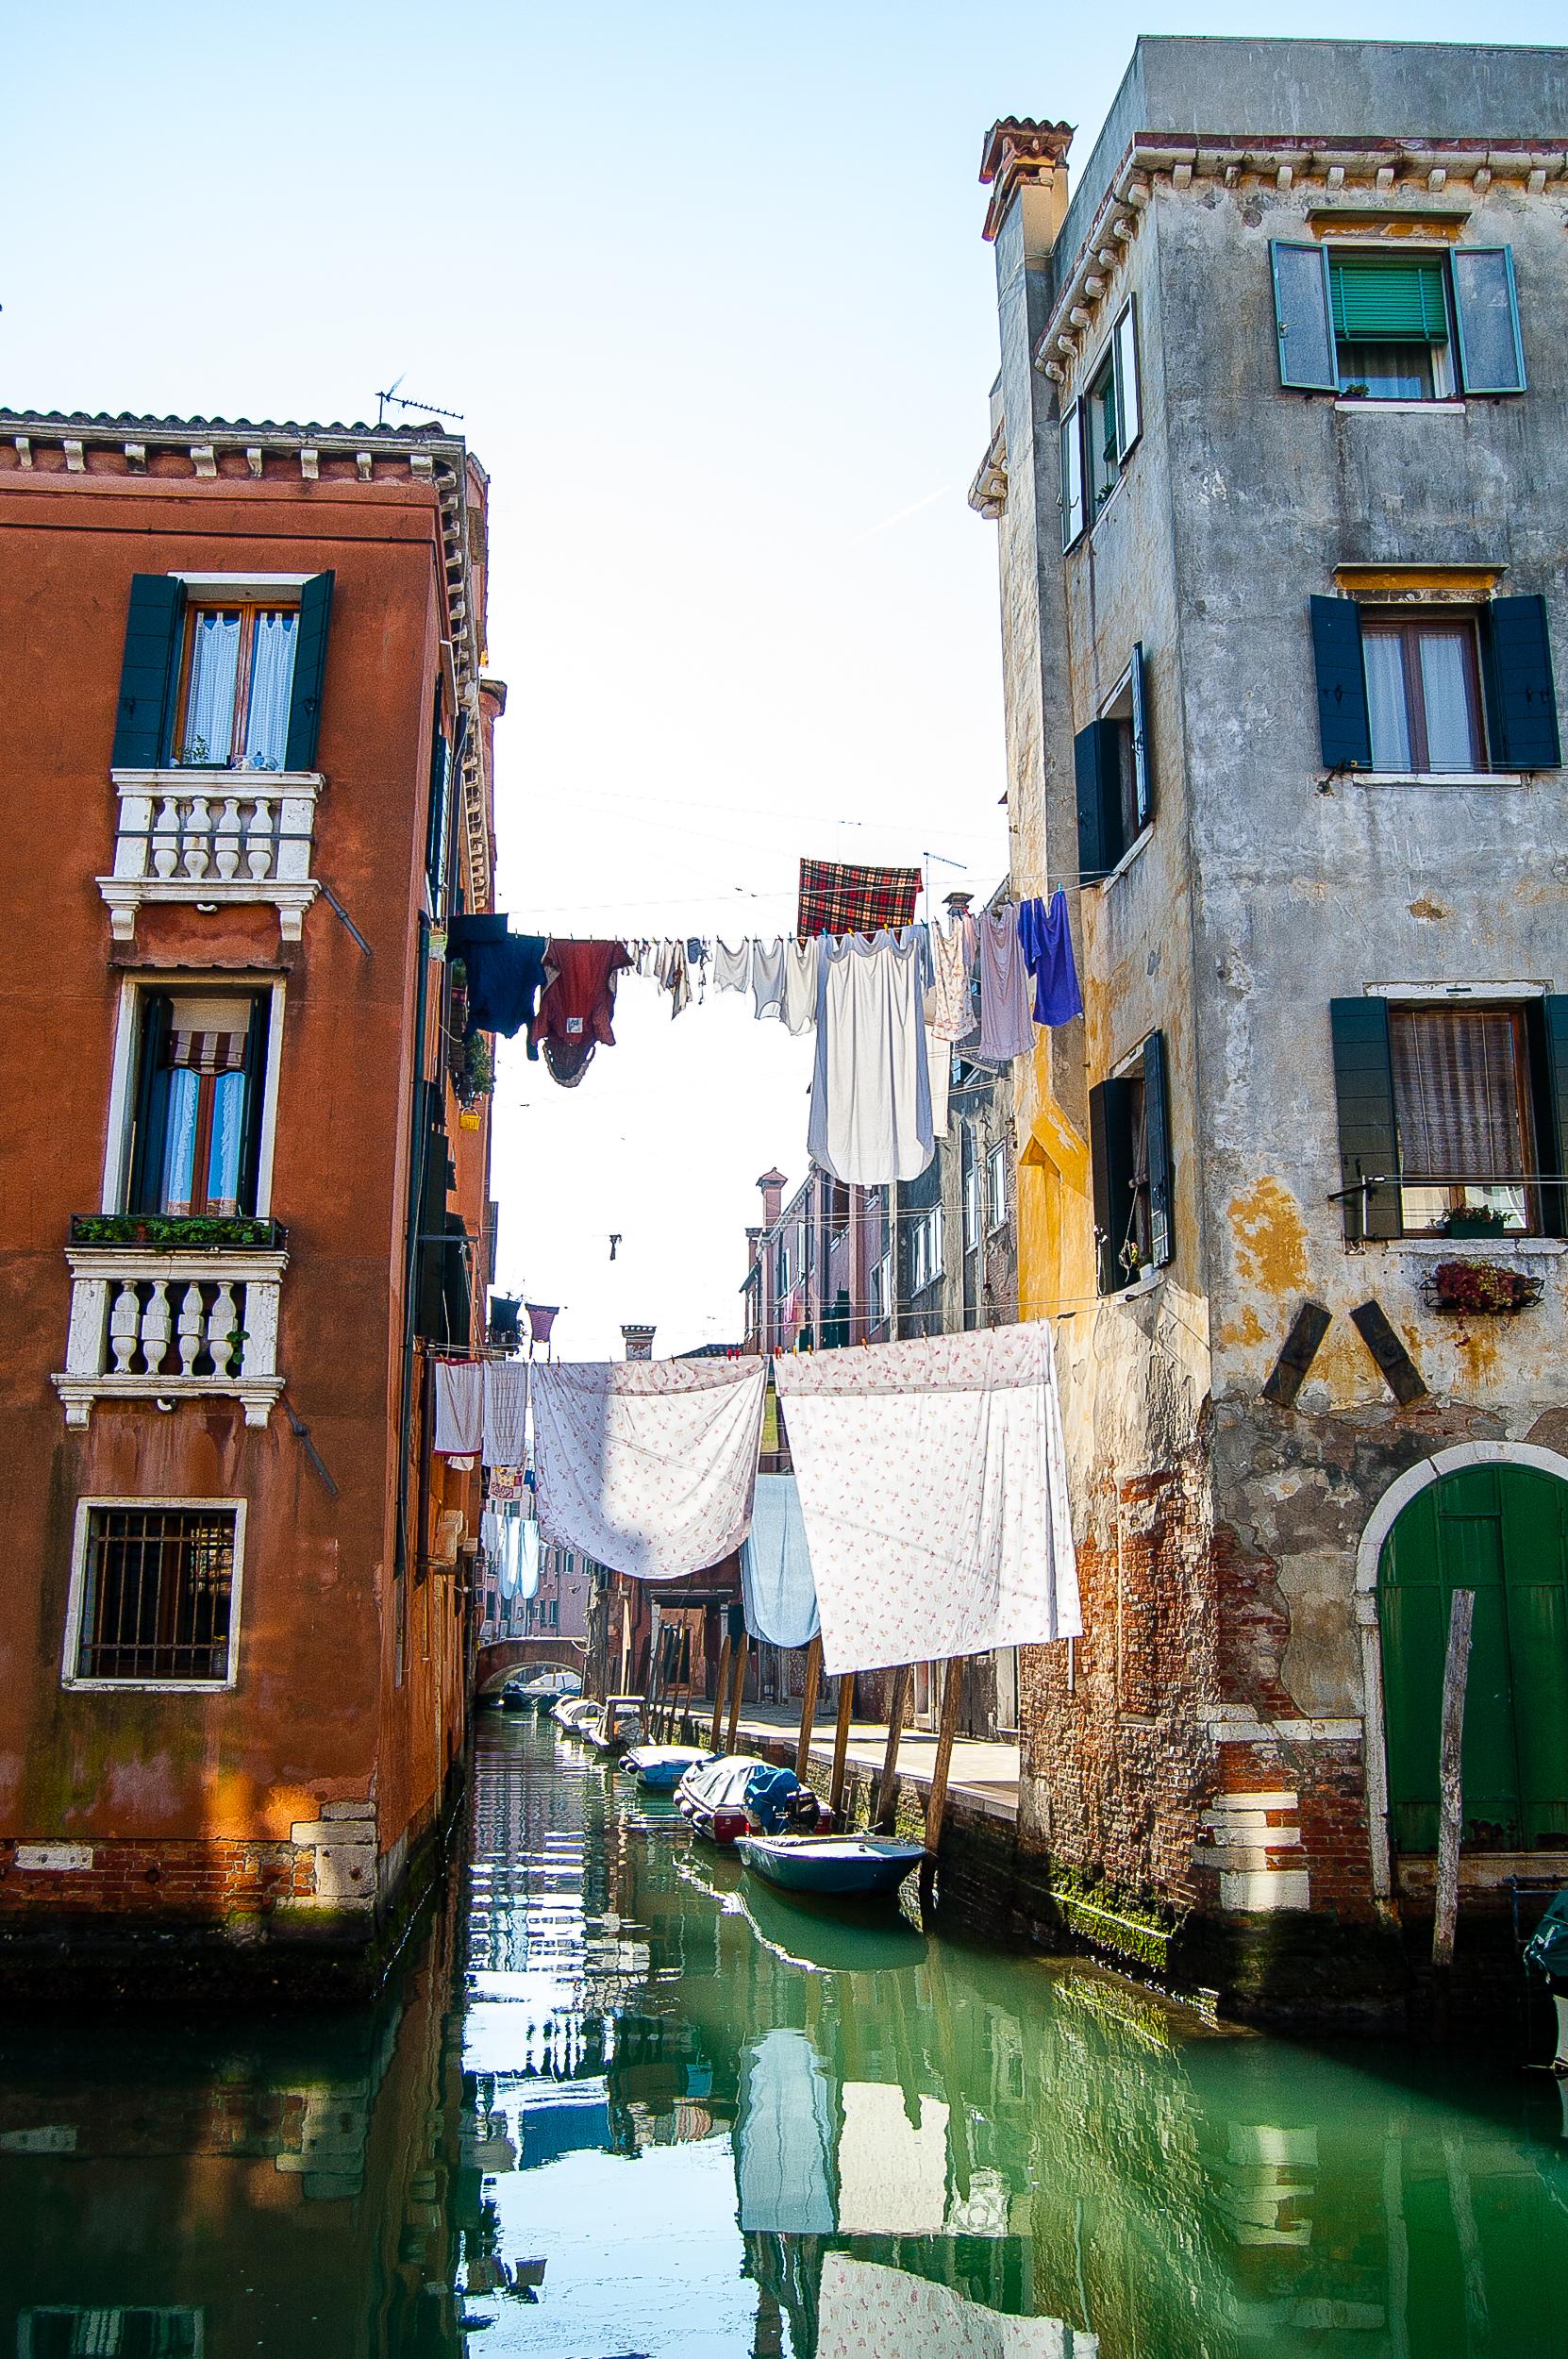 Venice Italy Canal Laundry